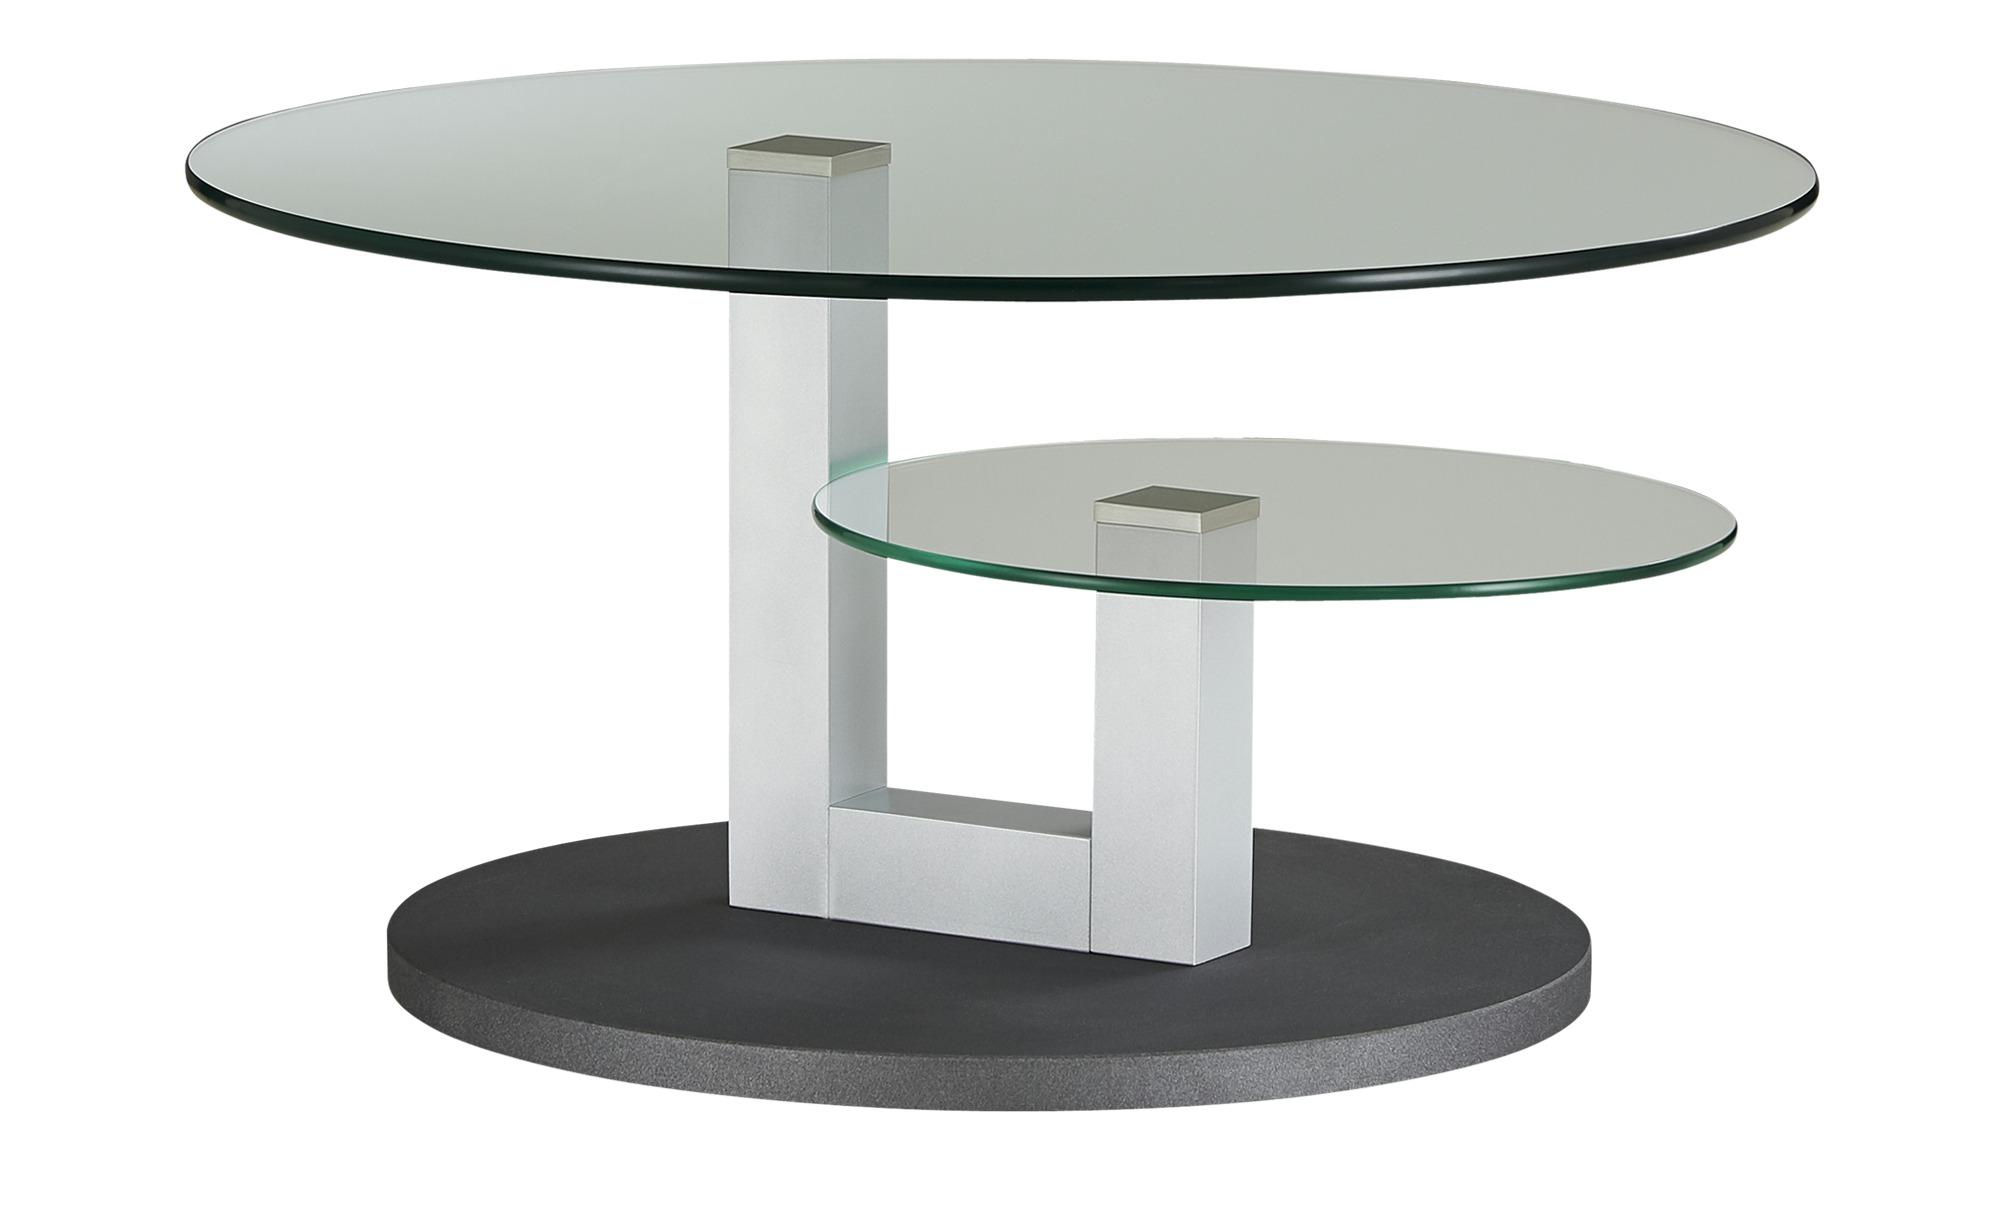 Couchtisch  Verden ¦ Maße (cm): H: 43 Ø: 80 Tische > Couchtische > Couchtische rund - Höffner